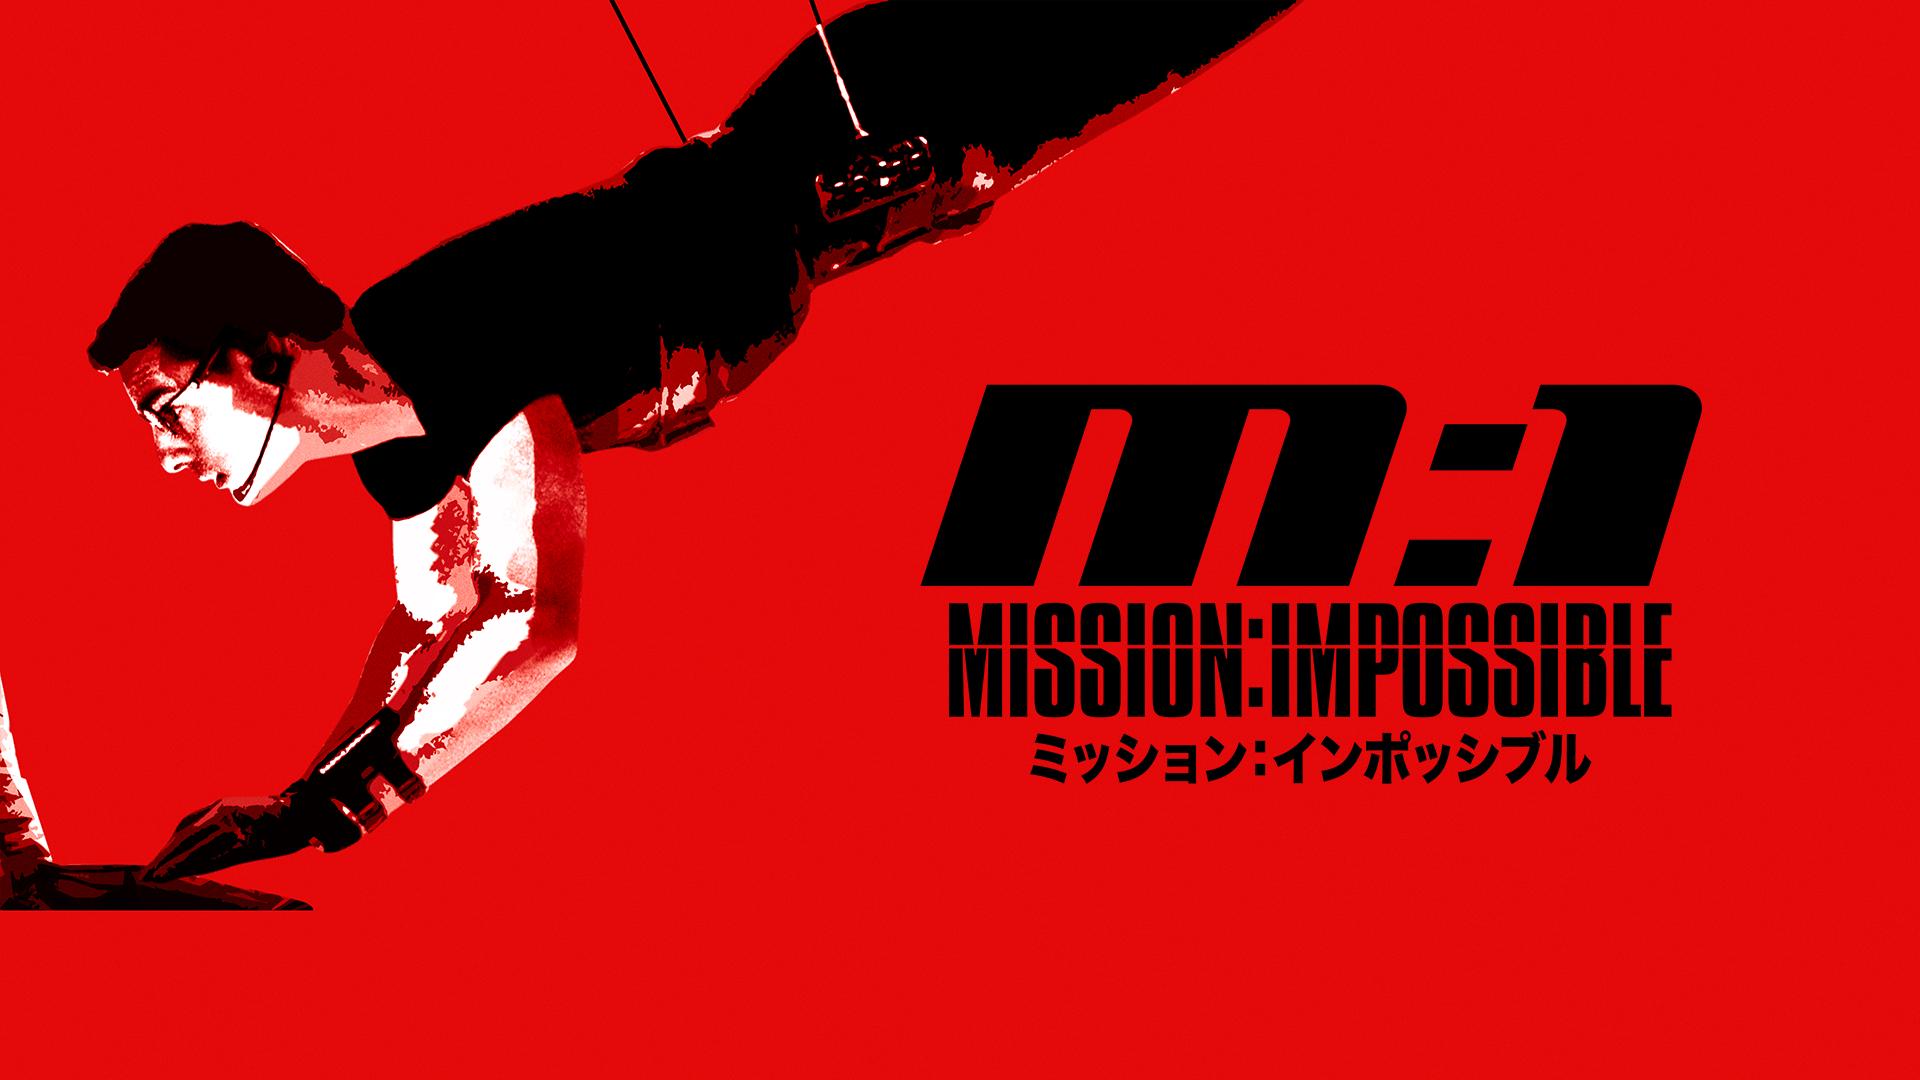 ミッション:インポッシブル1の動画 - ミッション:インポッシブル2